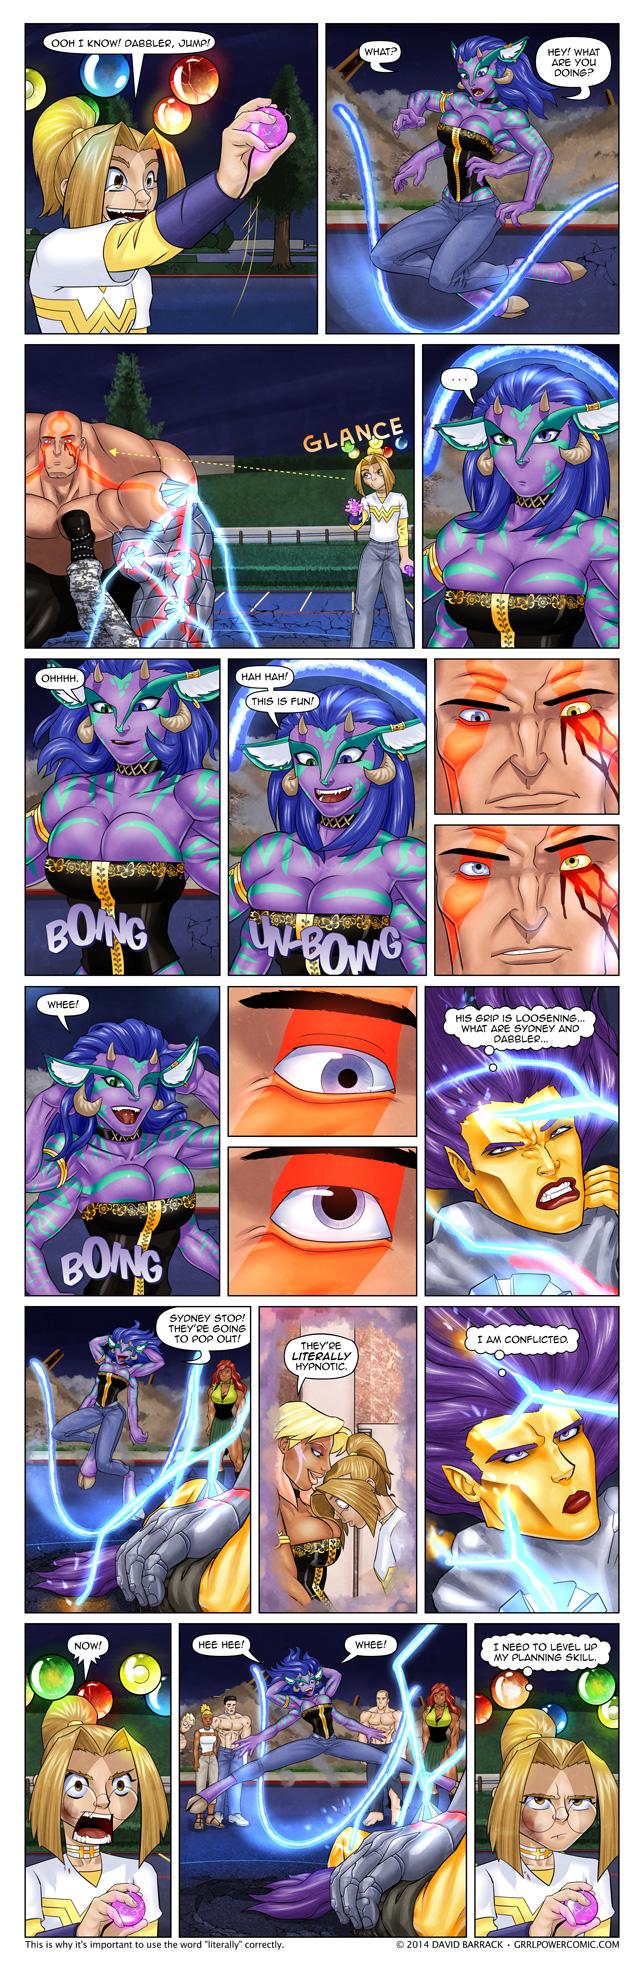 Grrl Power #281 – The power of the grrls